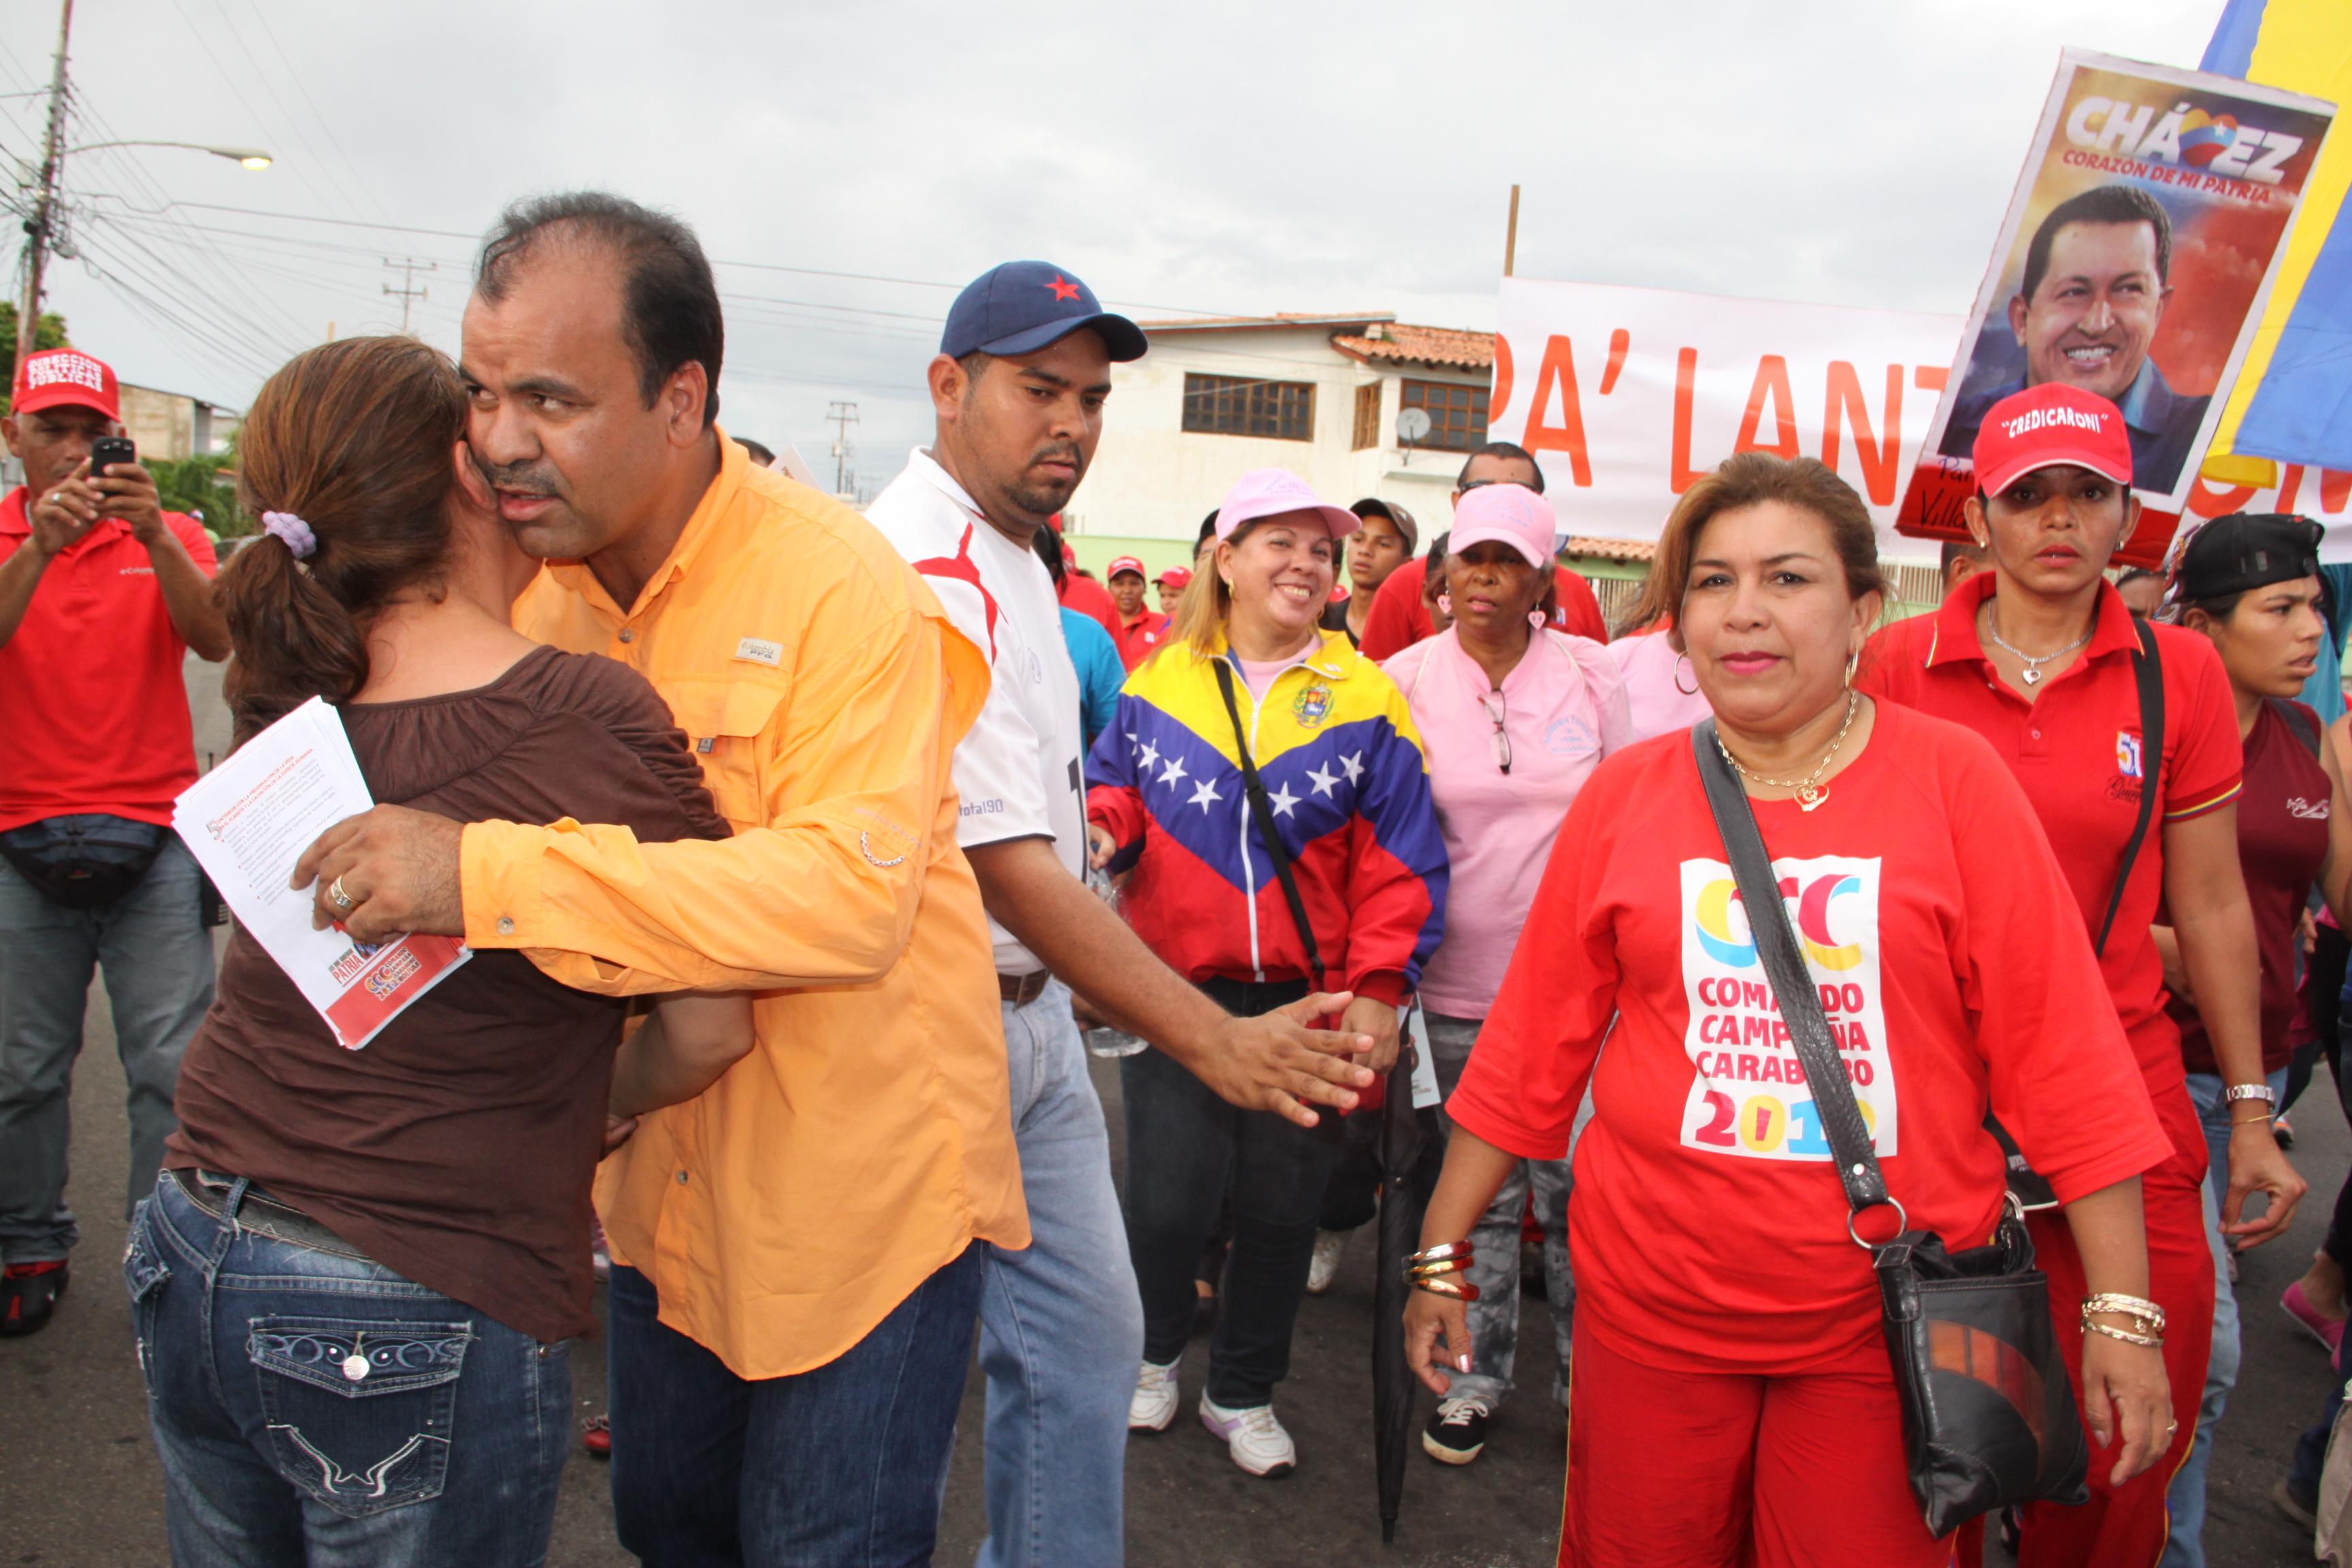 En la parroquia universidad reafirma la reeleccion del presidente chavez